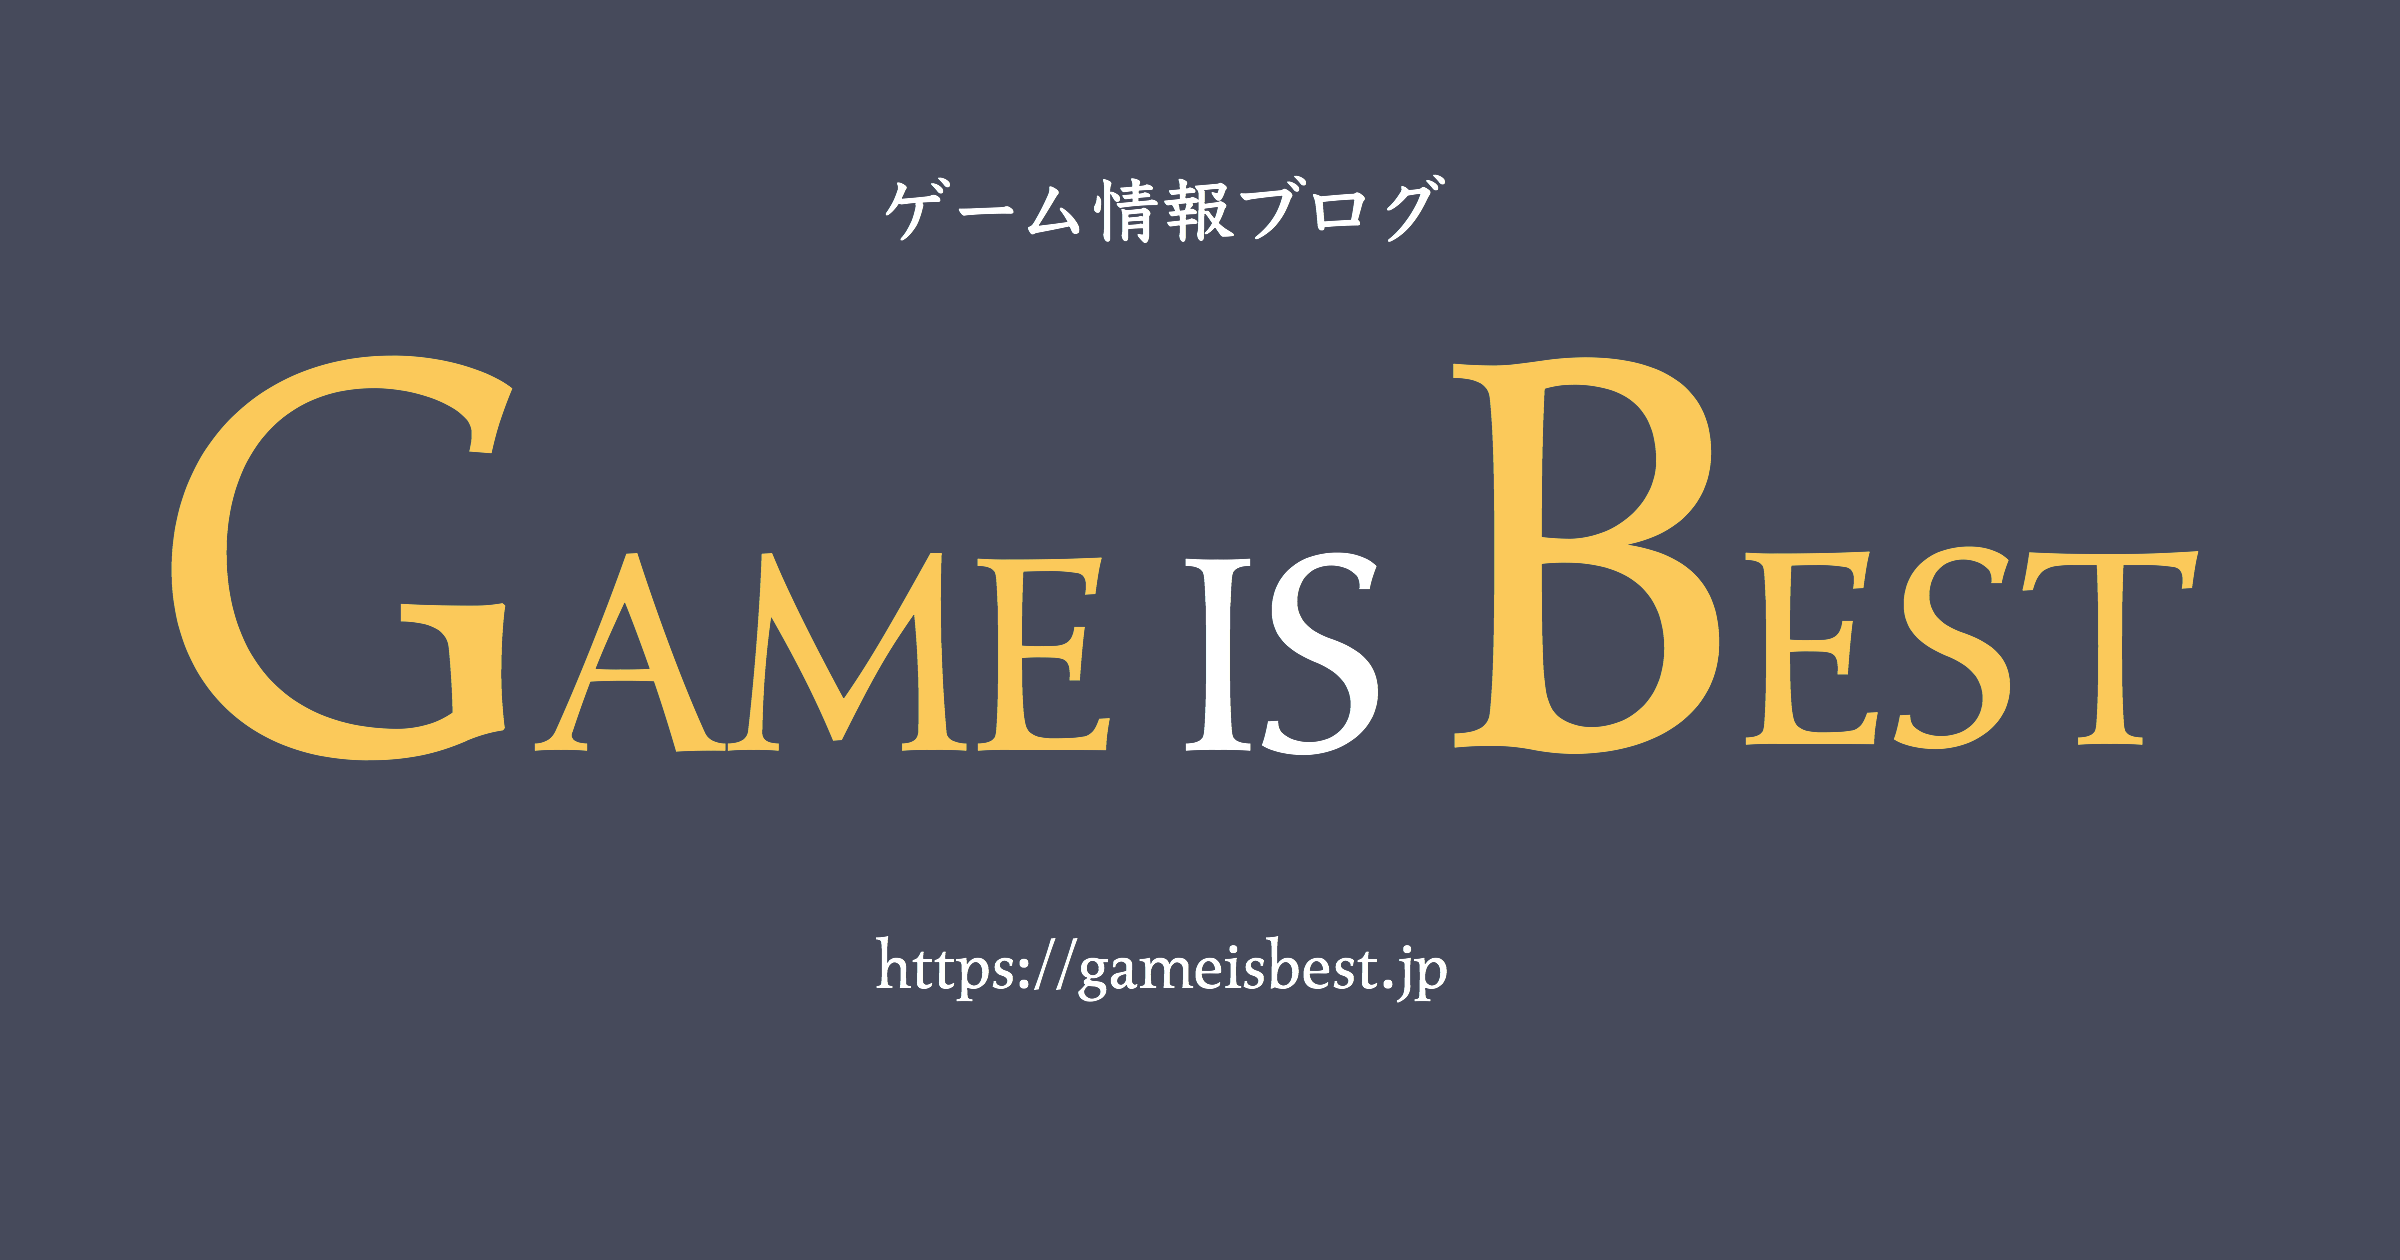 ゲームイズベスト